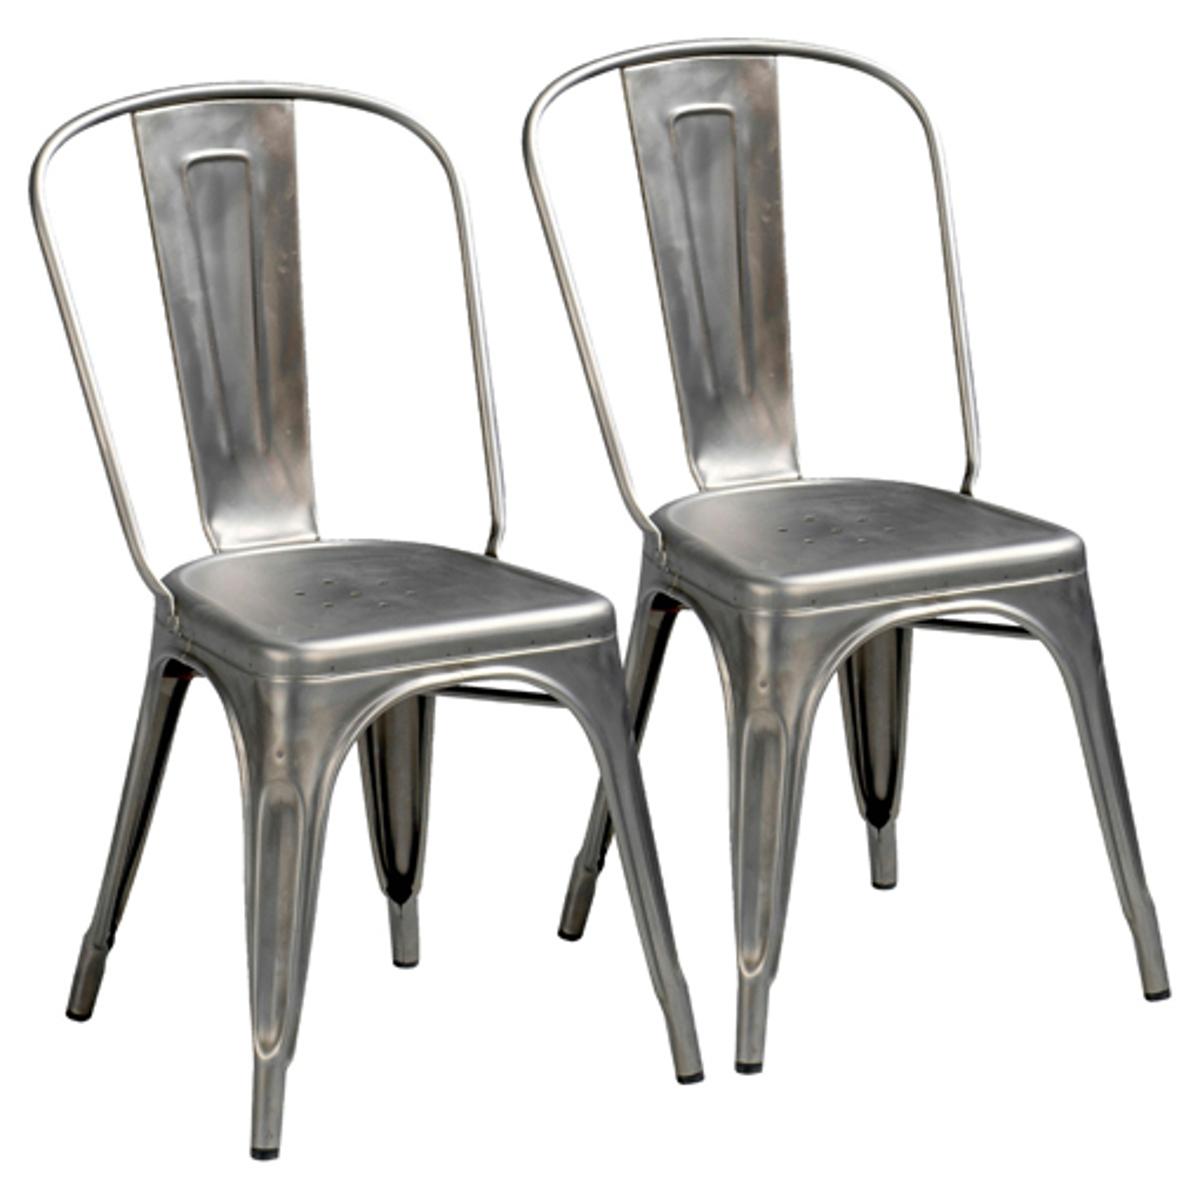 купить Комплект из 2 стульев Tolix La Redoute La Redoute комплект из 2 серый дешево